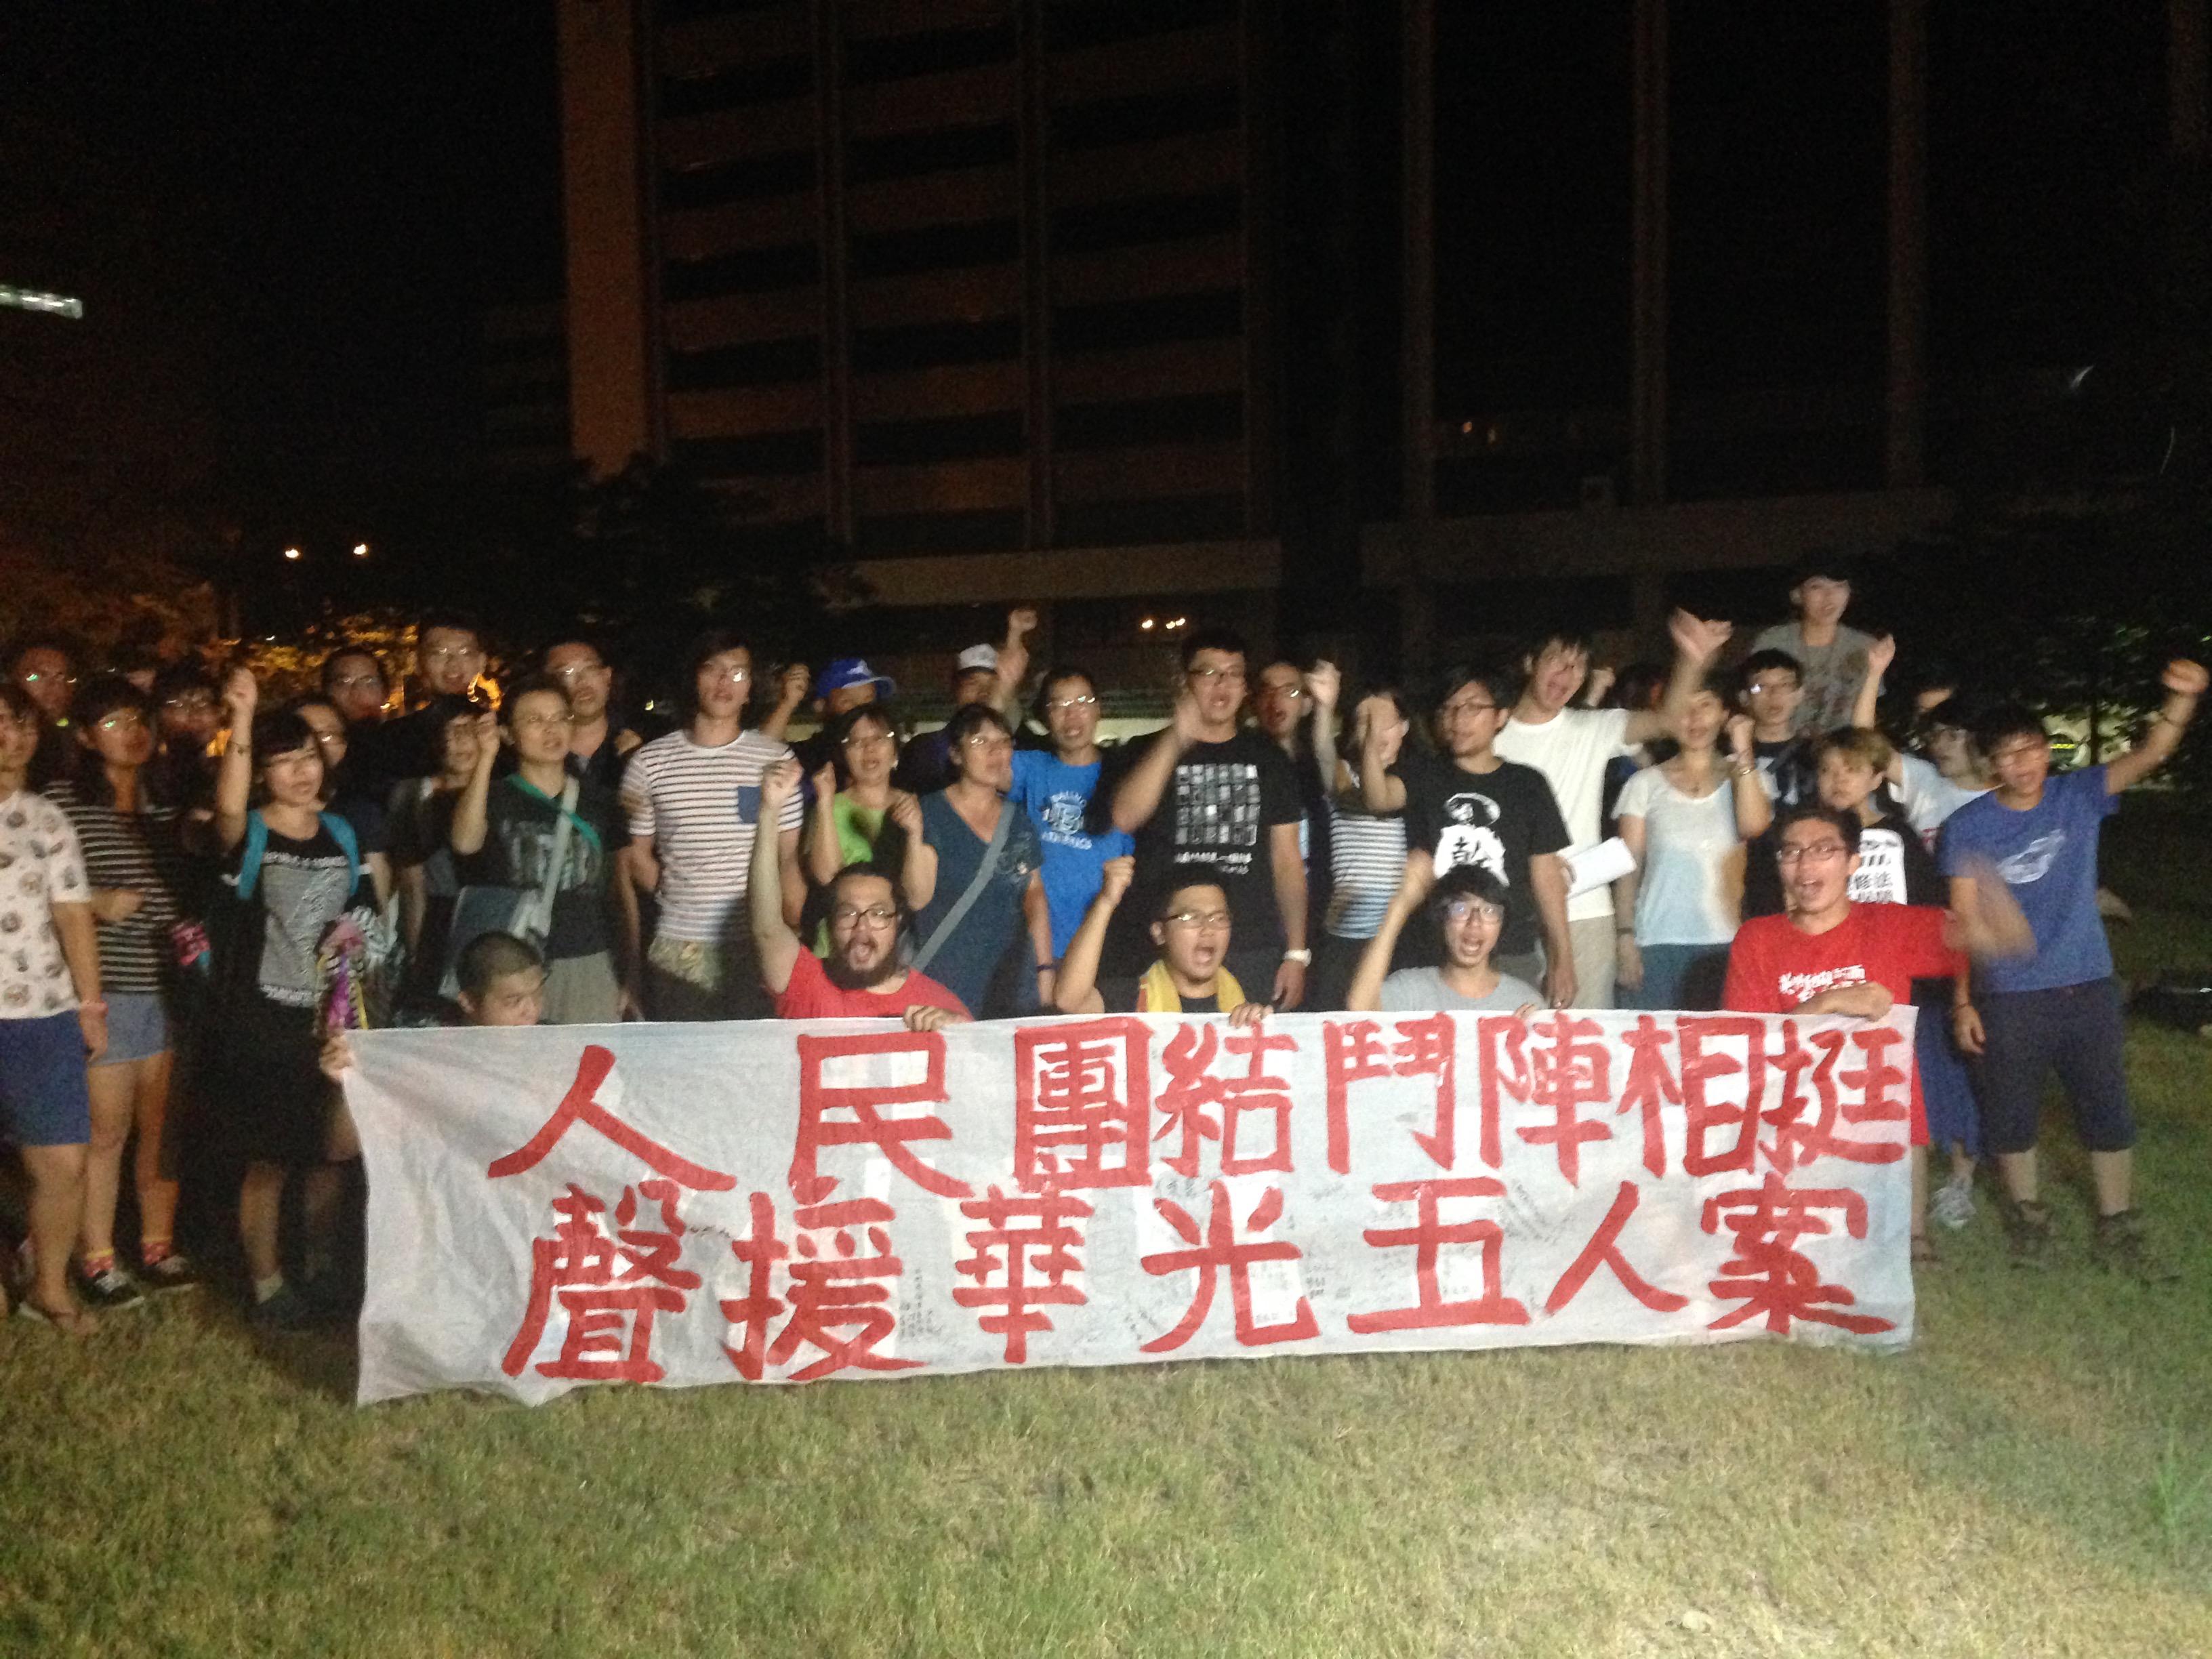 華光社區學生訪調小組在華光社區舊址舉辦「華光五人案晚會」。(攝影:張宗坤)